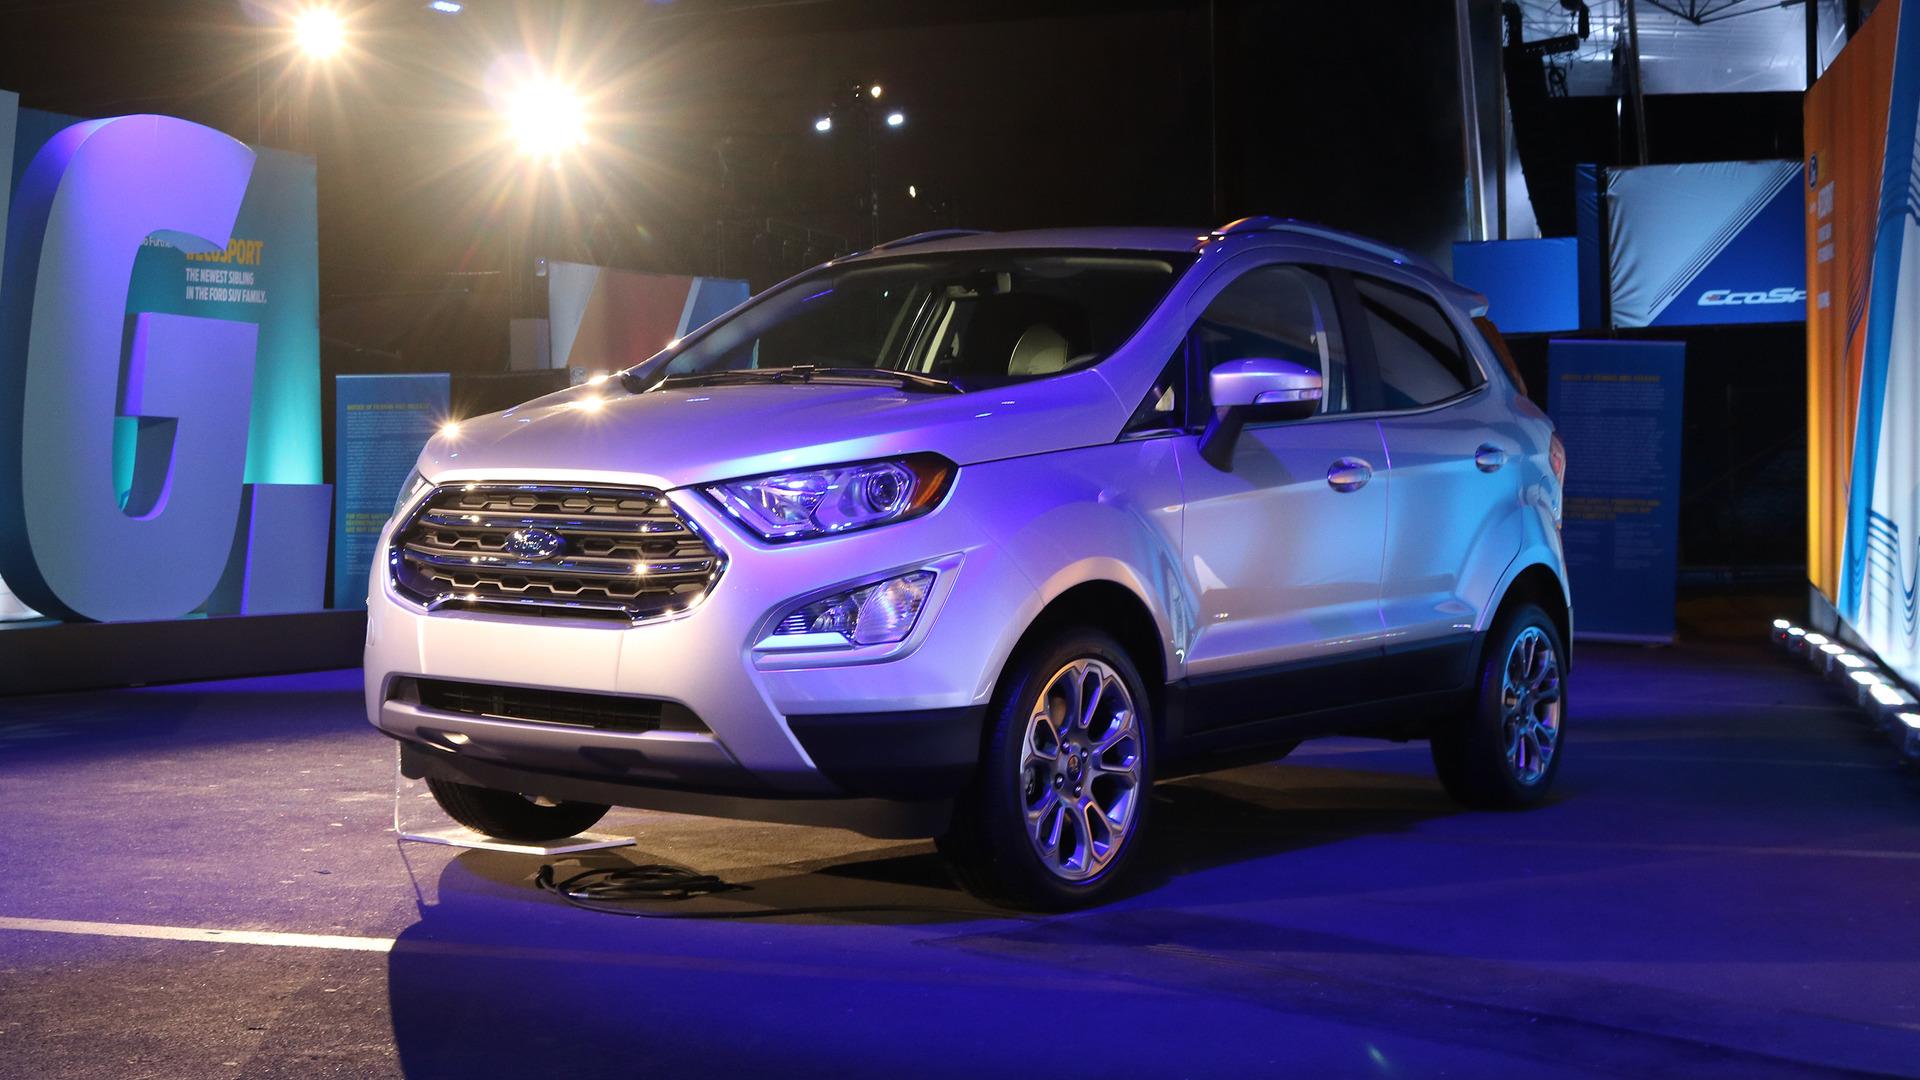 Xe++ - Ford Ecosport 2018 có giá bán cao ngất ngưởng 30.555 USD (Hình 2).